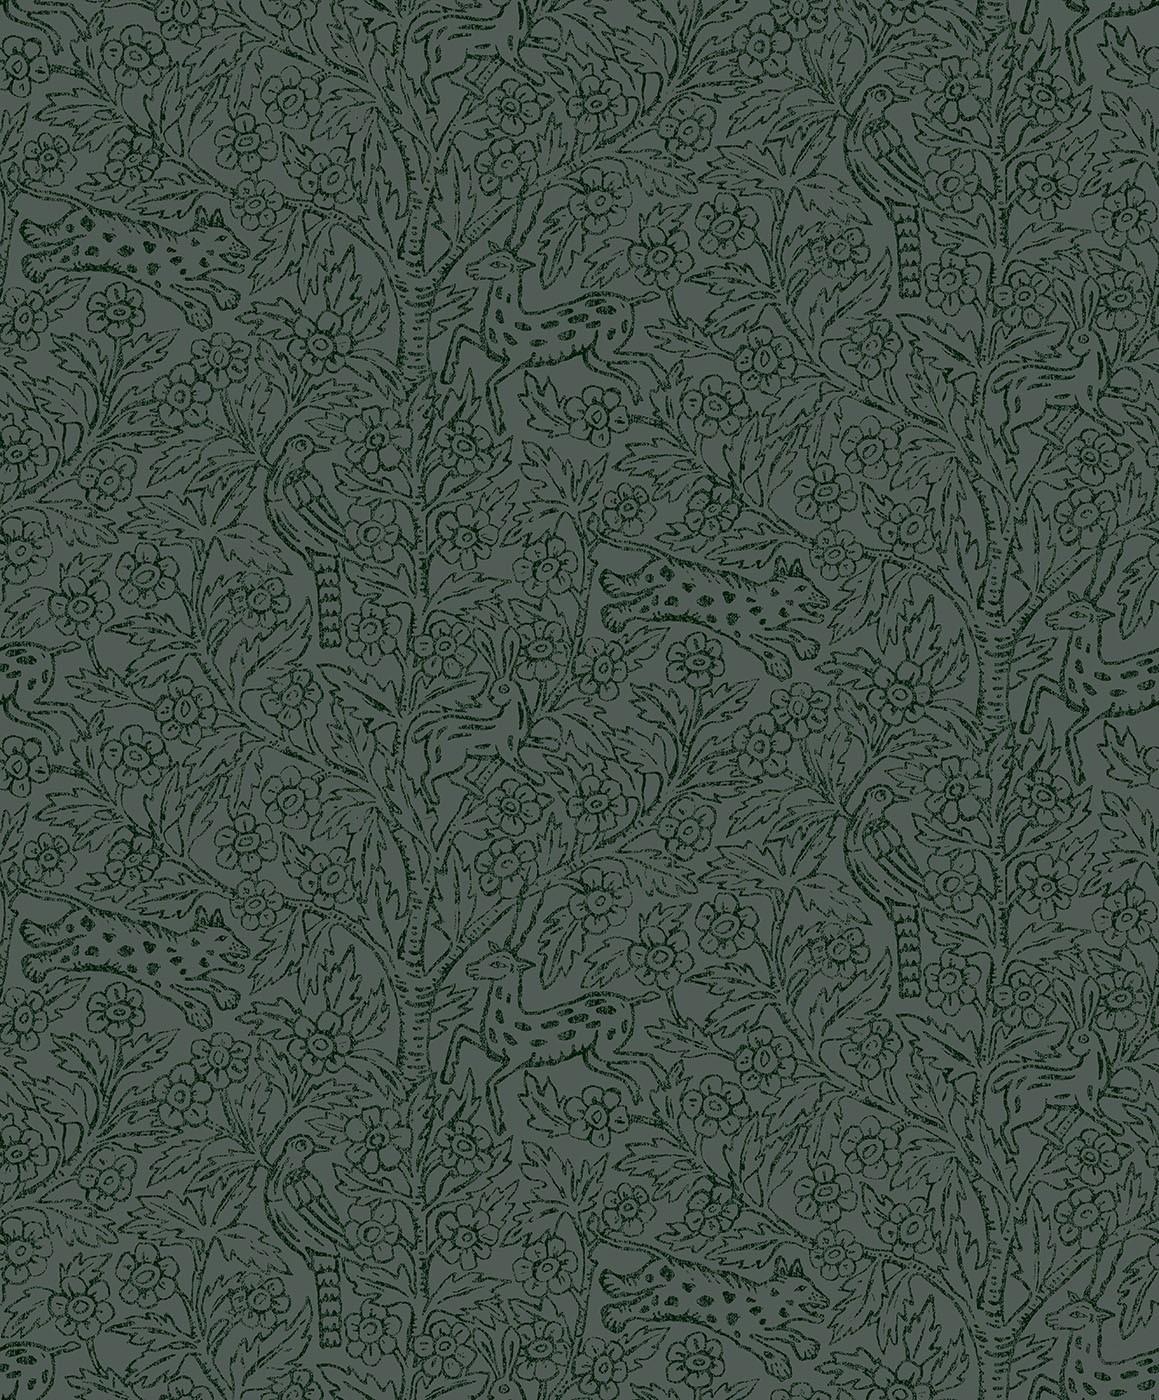 059fam2-ede827-88_1-papel-pintado-florecitas-animales-verde-1